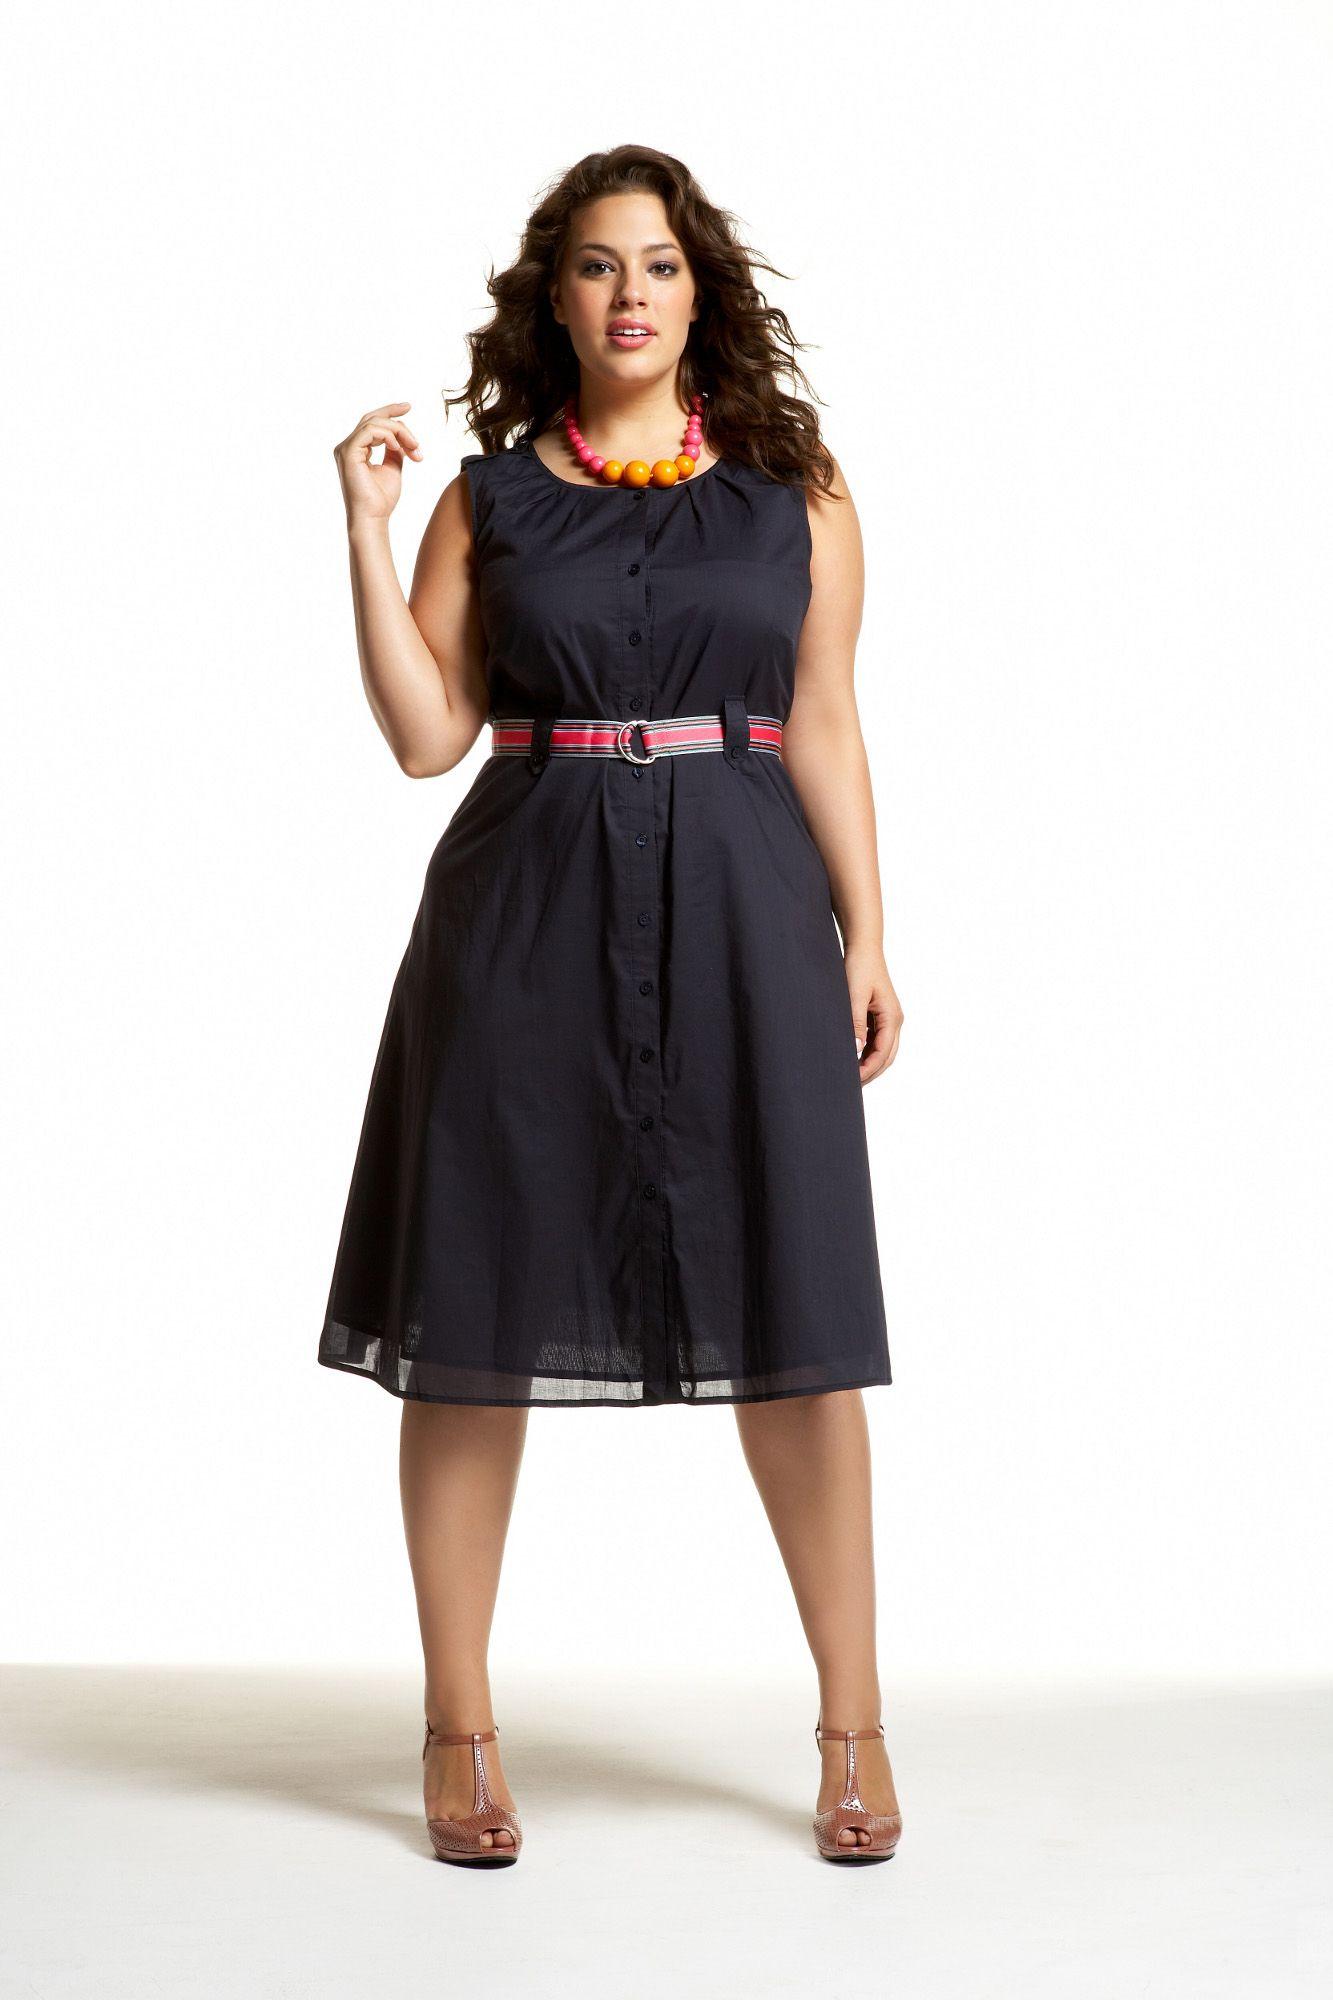 Plus Size Clothing Dress | Bbg Clothing